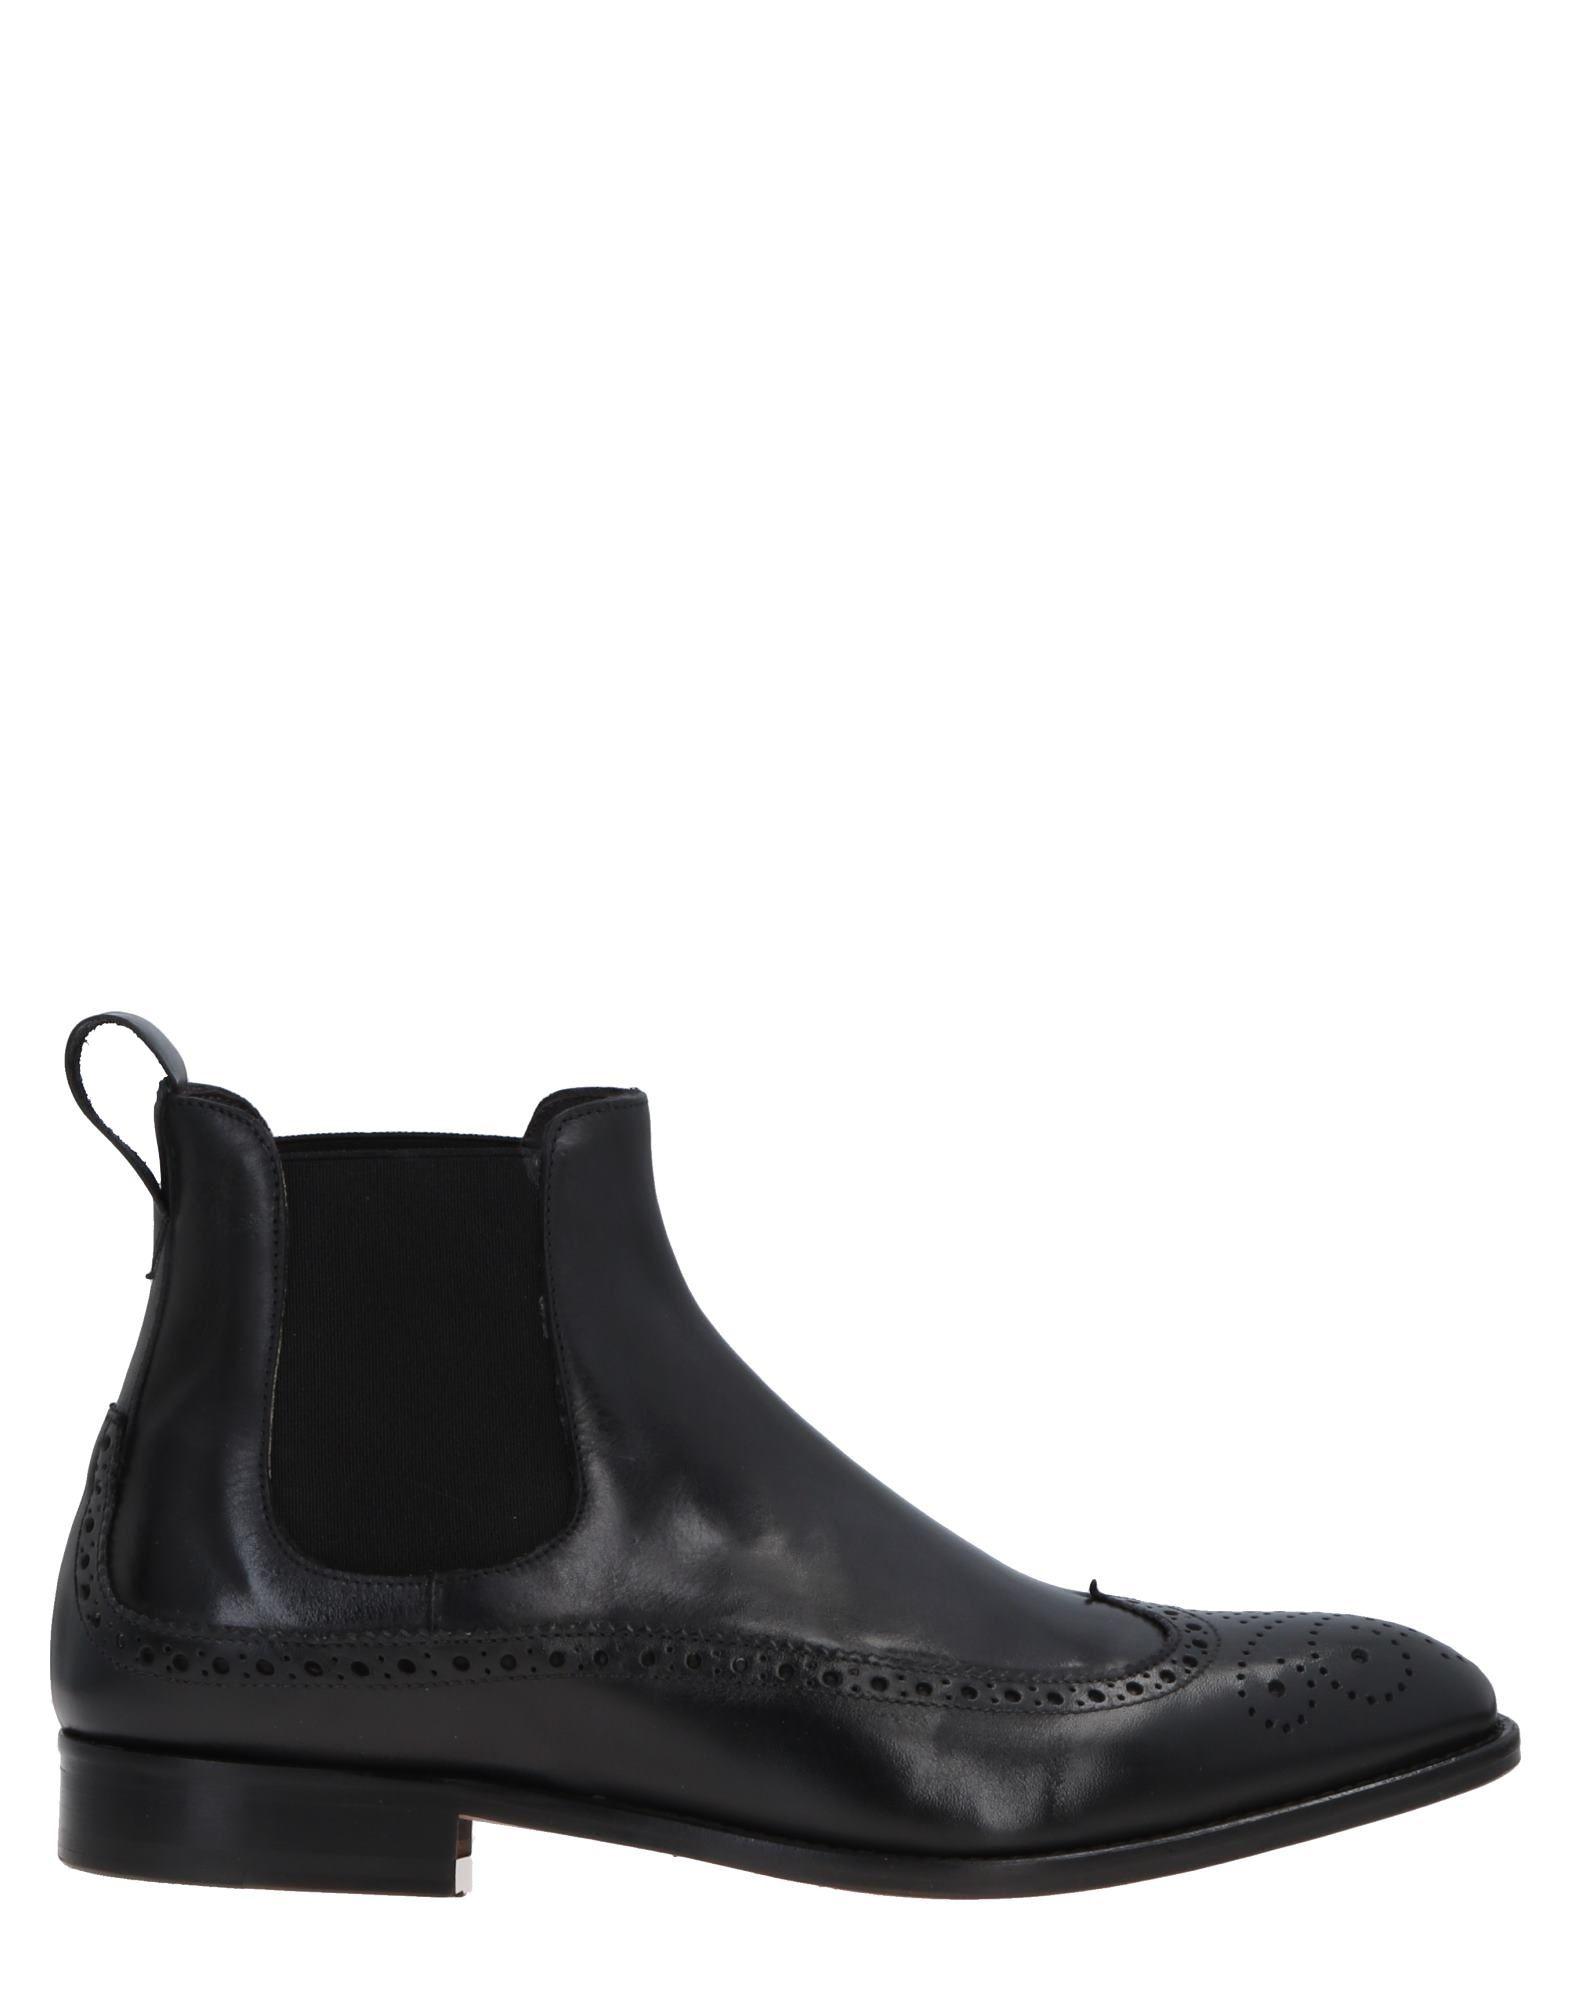 Settantatre Lr Stiefelette Herren  11516073UT Gute Qualität beliebte Schuhe